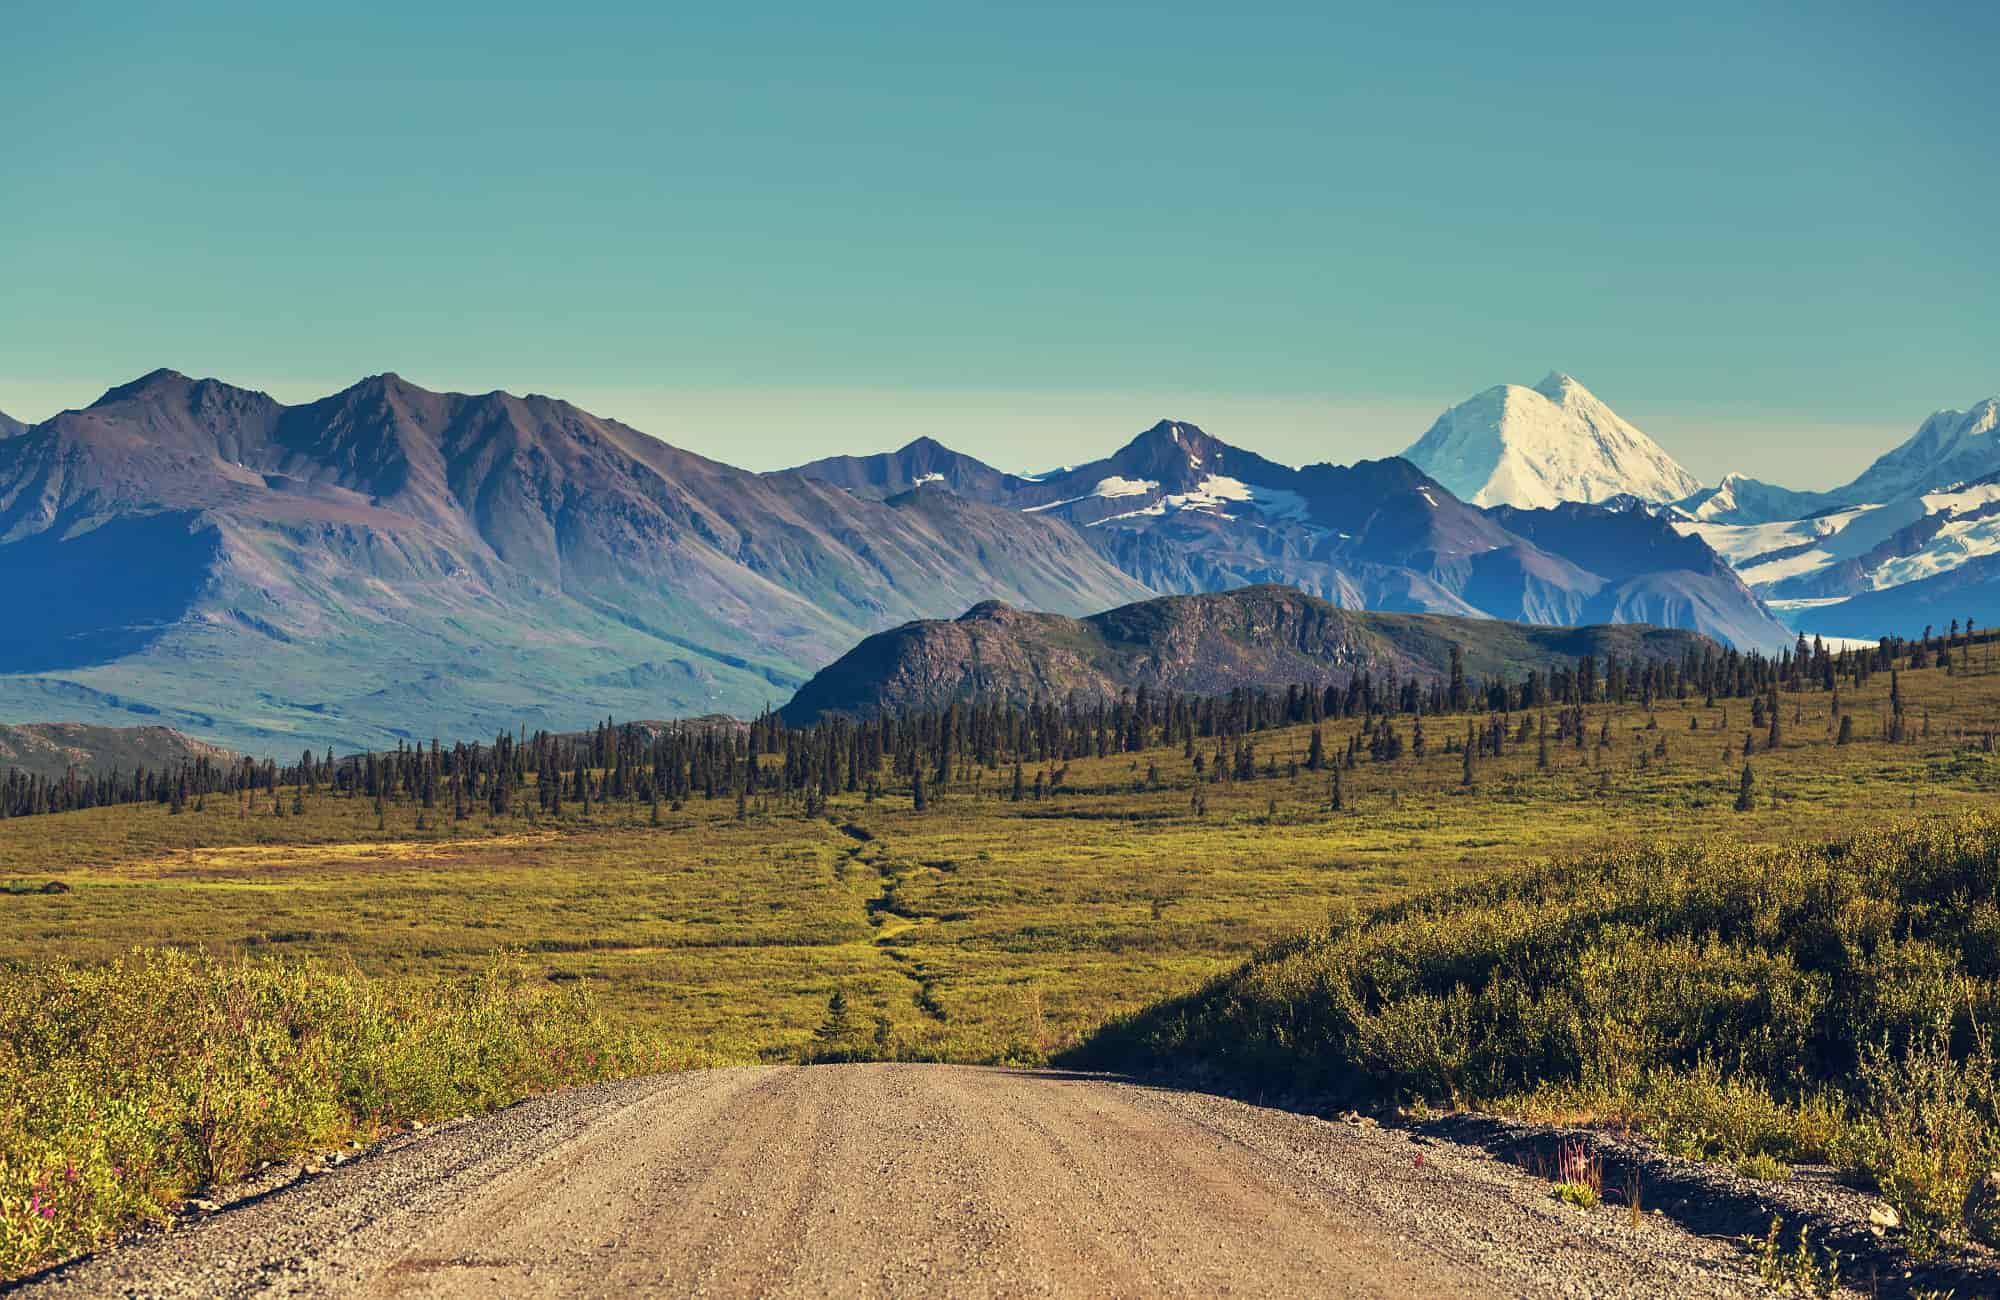 Voyage Alaska - Les routes désertiques d'Alaska - Amplitudes